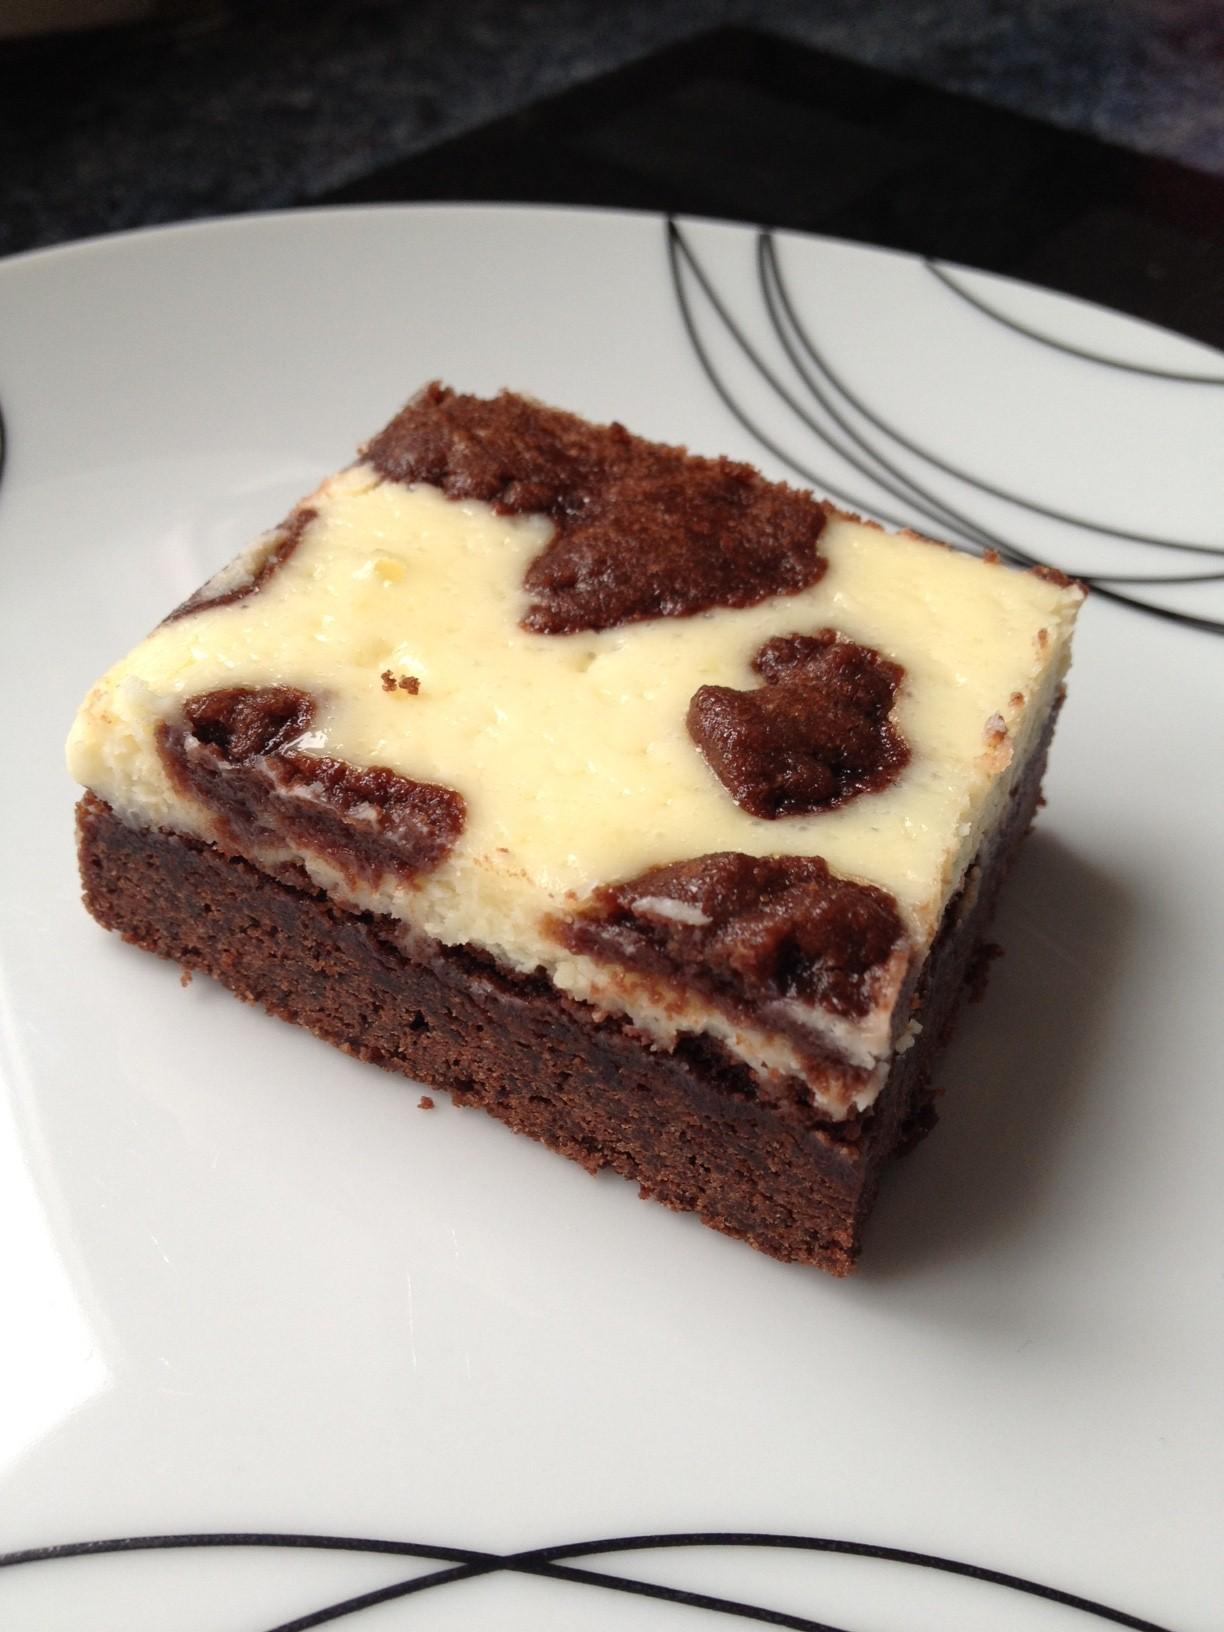 Black & White Chocolate Cheesecake Bars | Baking Bad